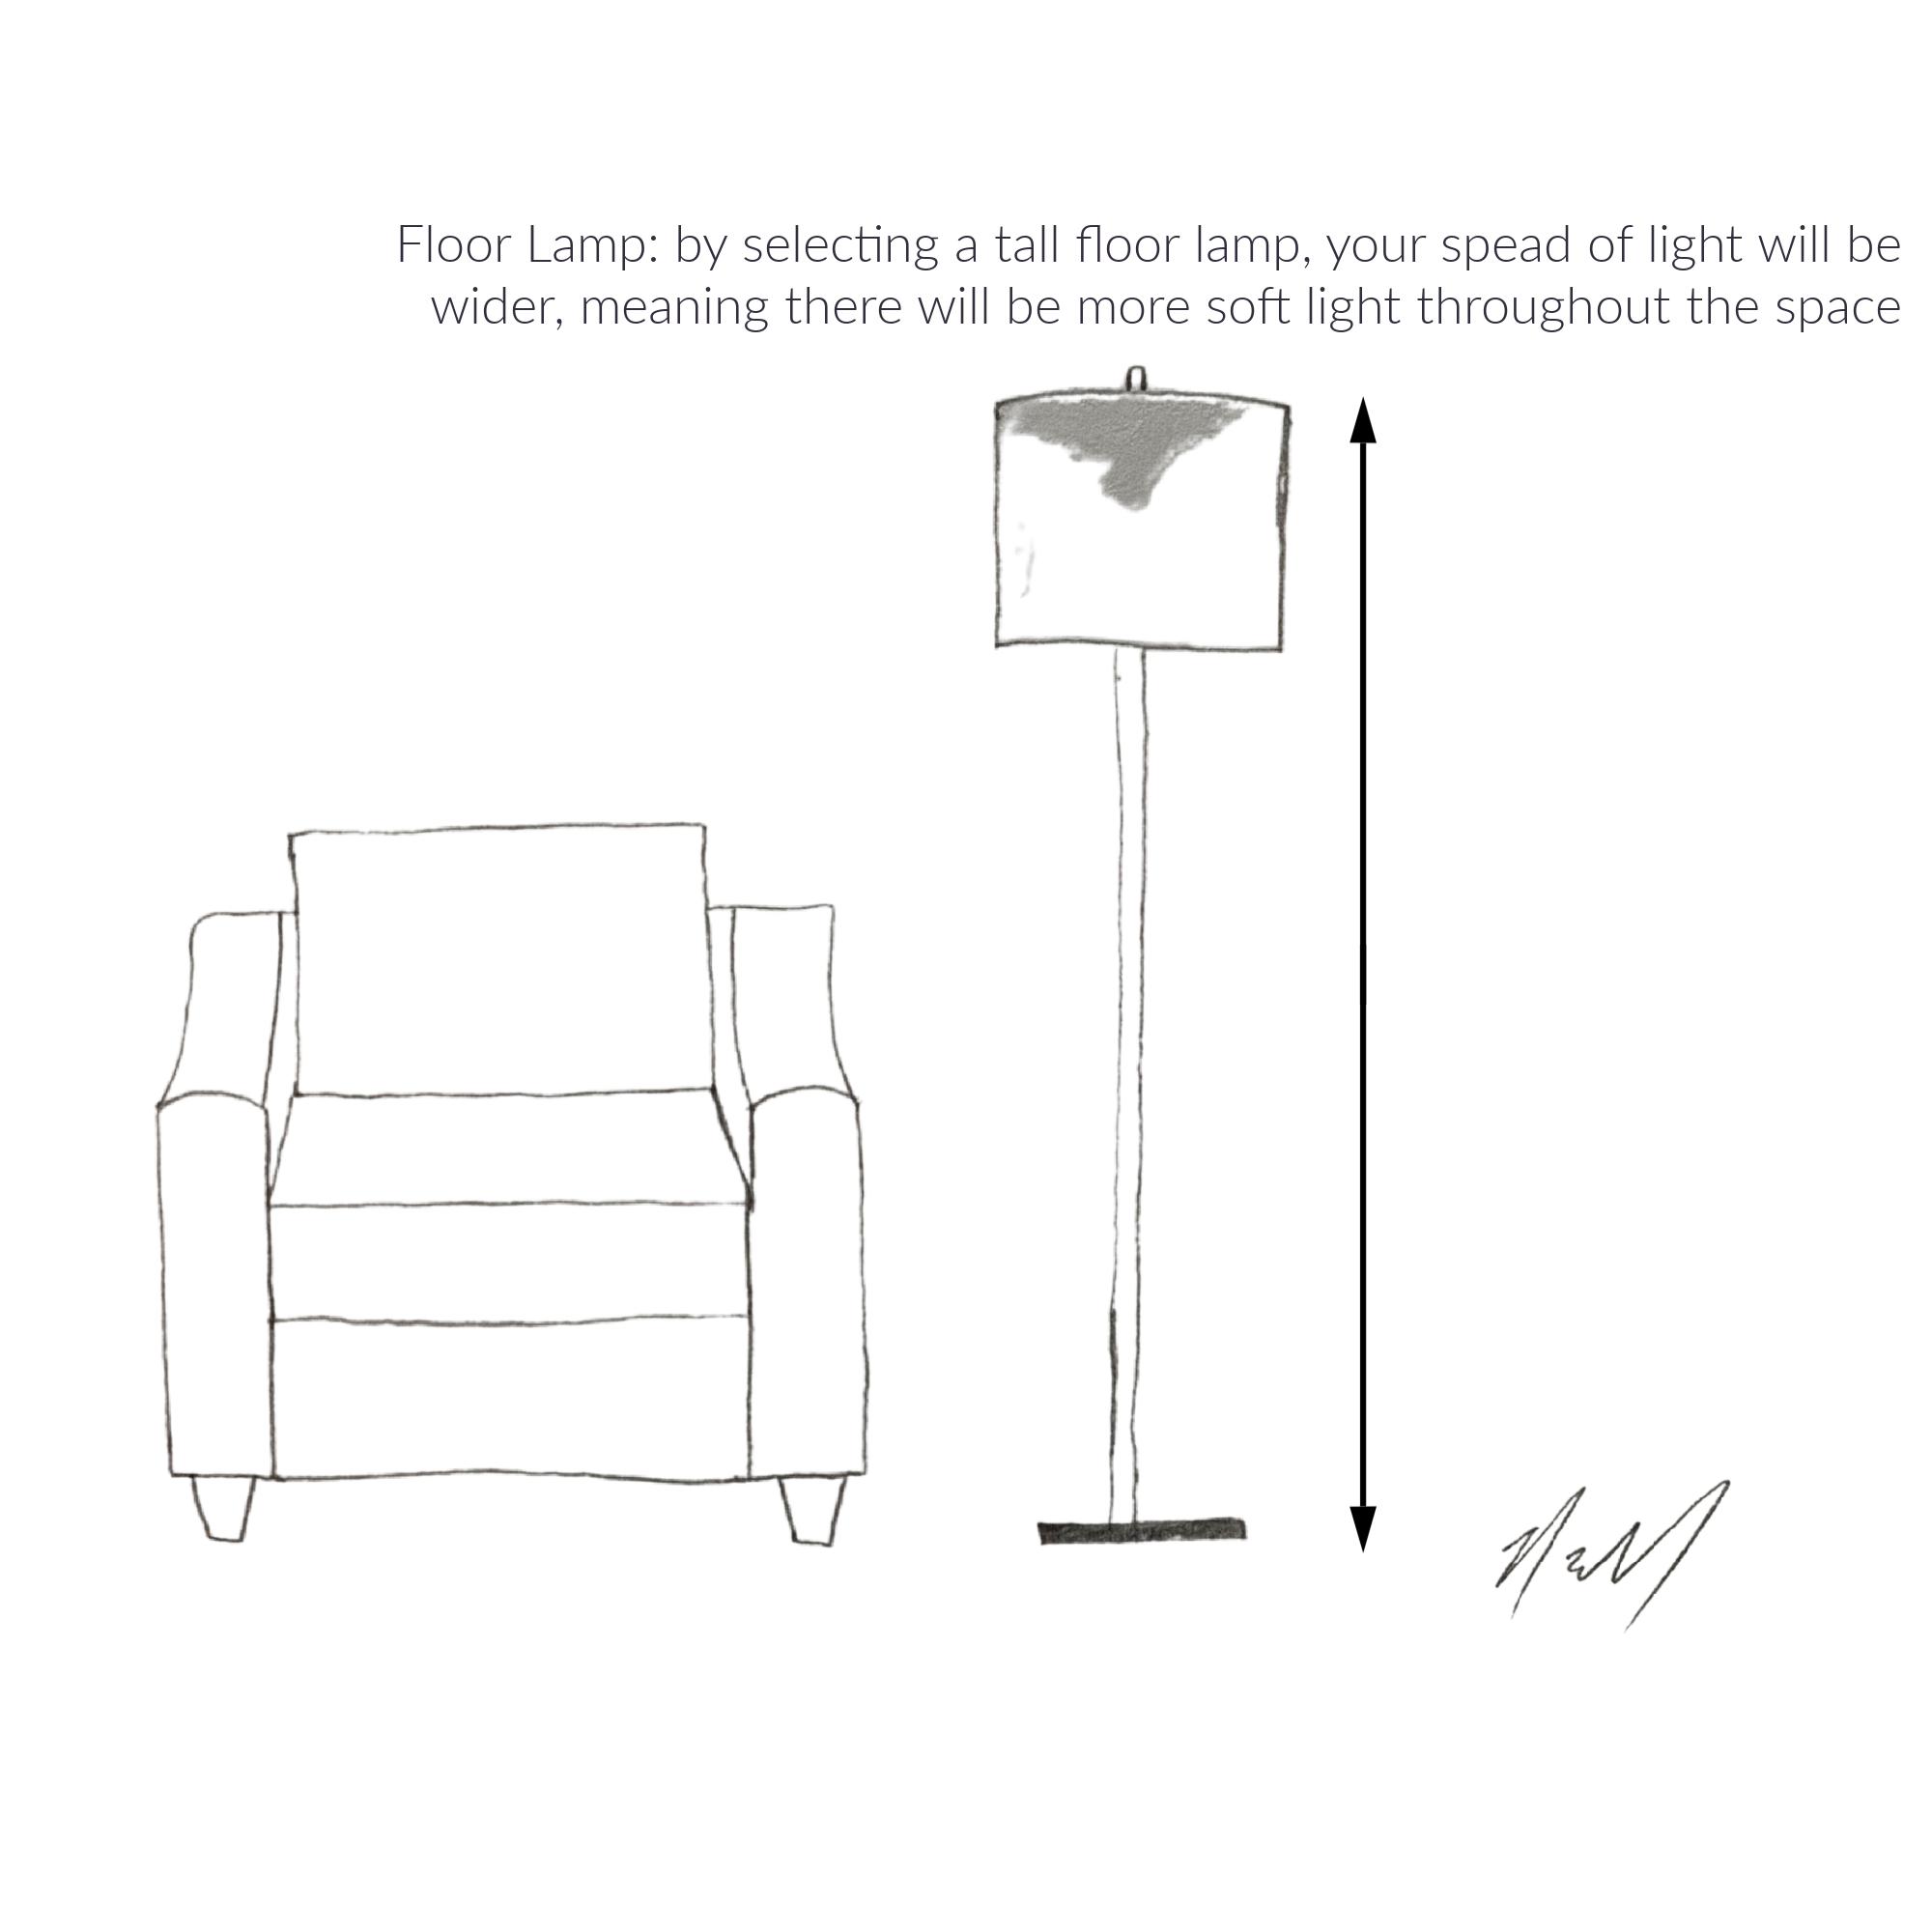 Floor Lamp Tip